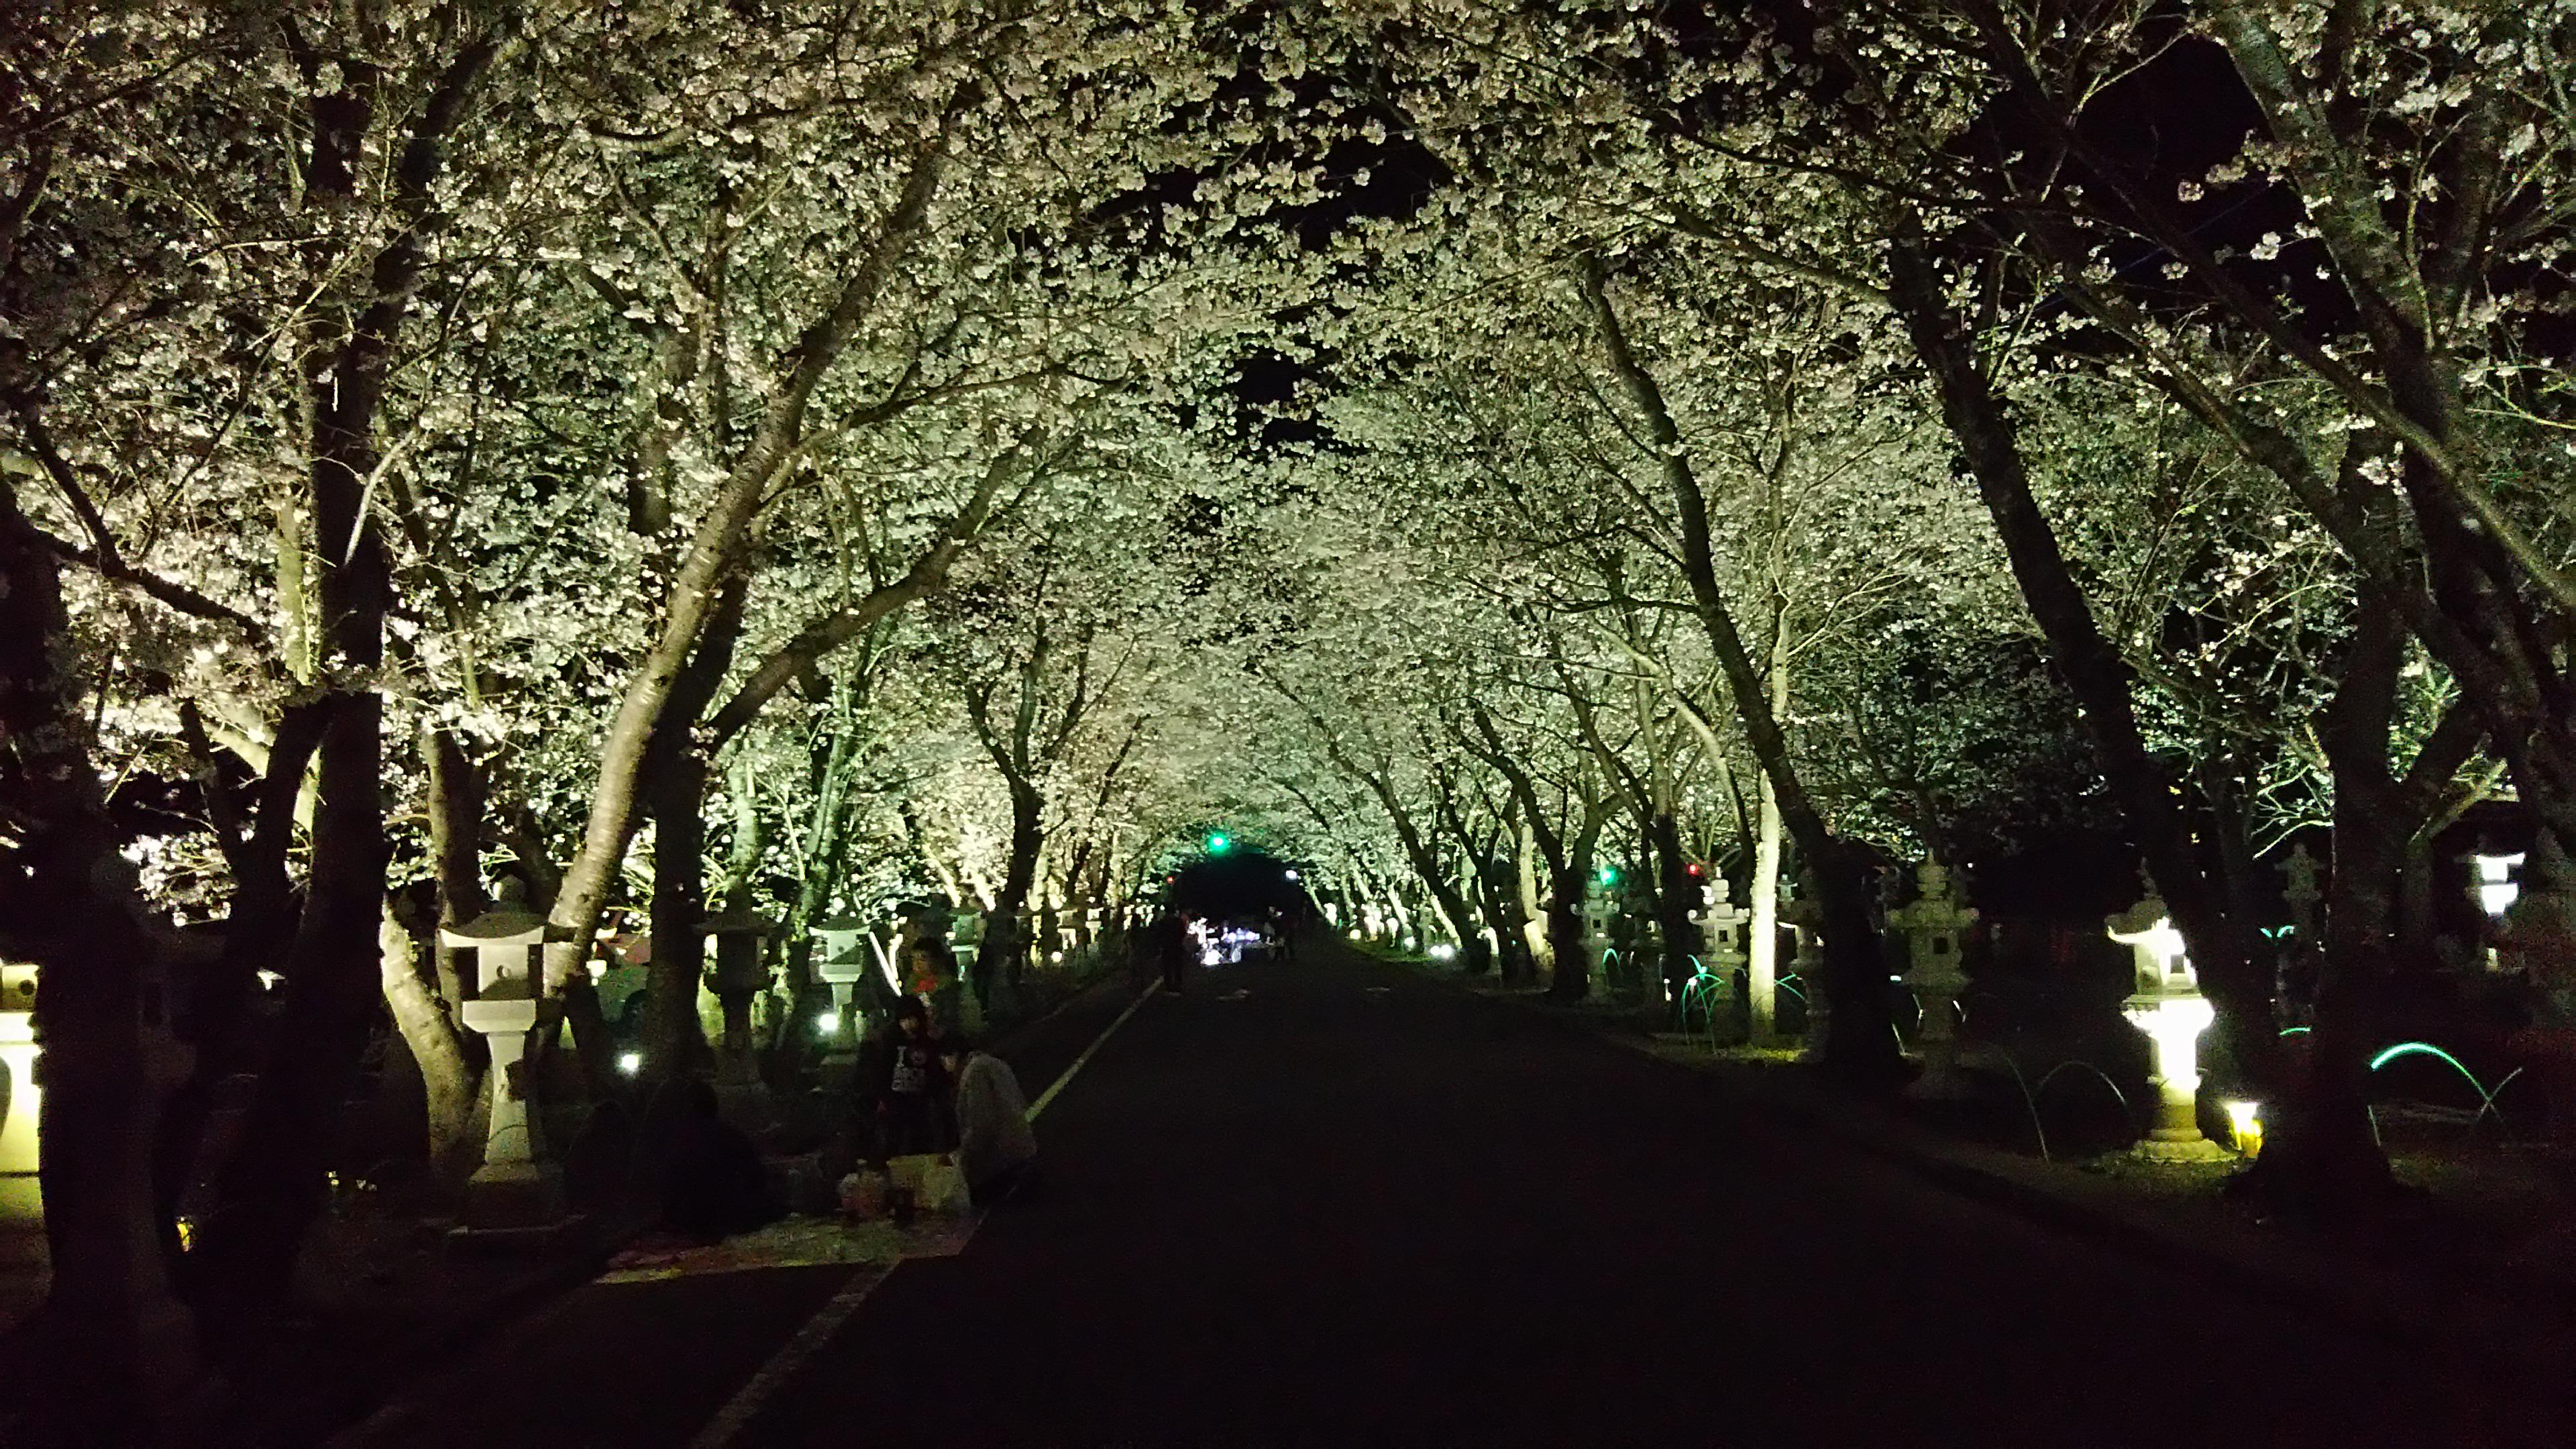 ライトアップされる桜並木。毎年多くの方が桜の季節を楽しみにしています(提供:南九州市)